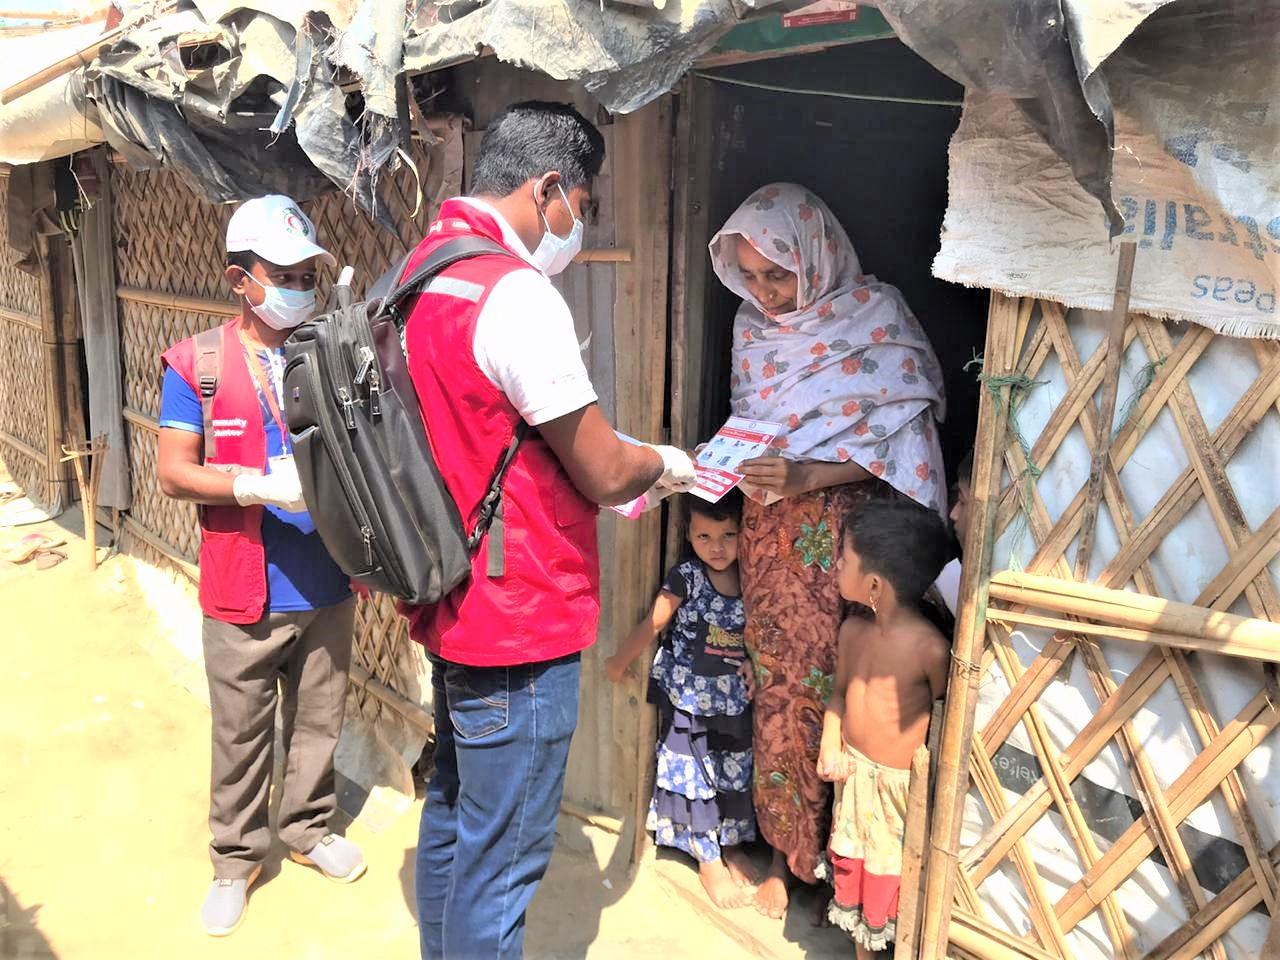 Mitarbeitende des Roten Halbmondes von Bangladesch informieren die Familien in Cox's Bazar über die Risiken im Zusammenhang mit dem Coronavirus. © Roter Halbmond von Bangladesch